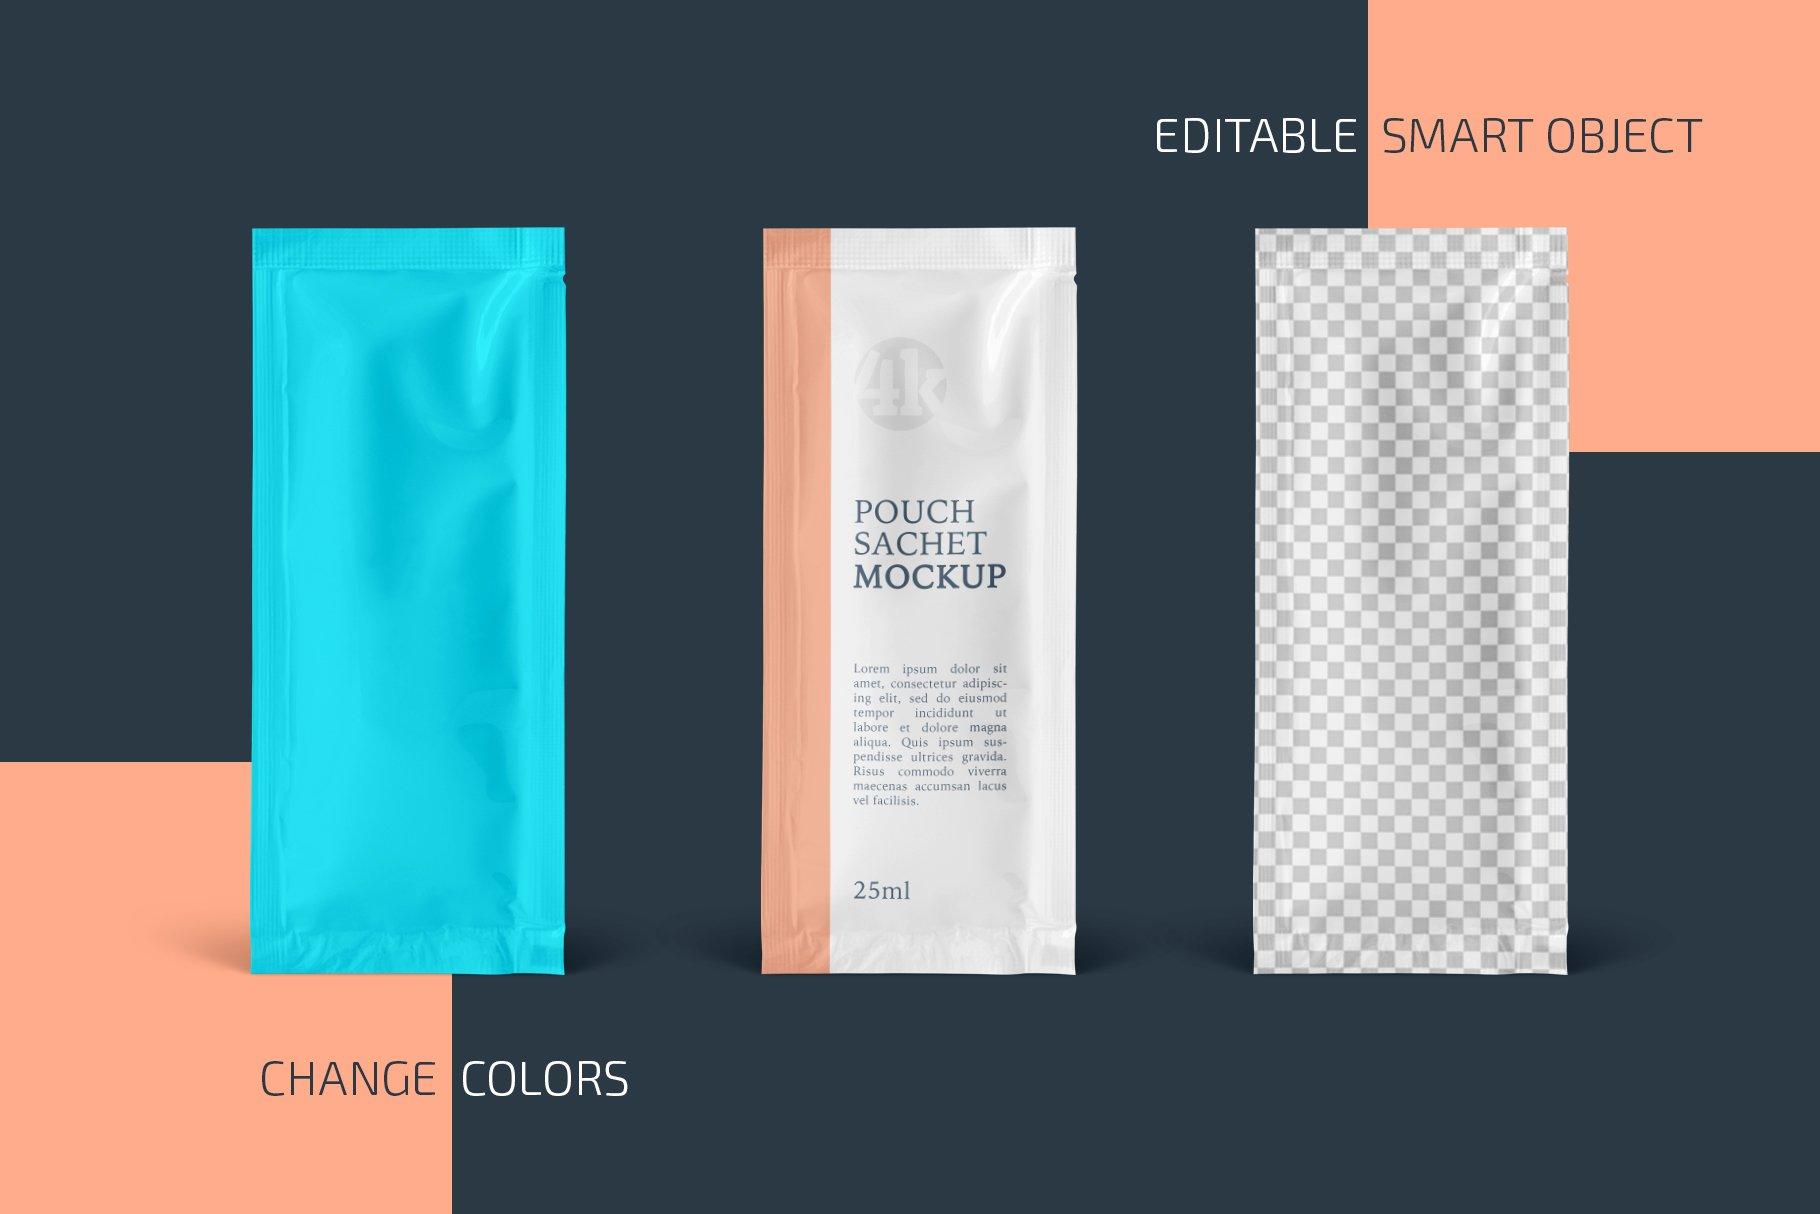 矩形香囊是塑料袋设计展示样机合集 Rectangular Pouch Sachet Mockup Set插图1